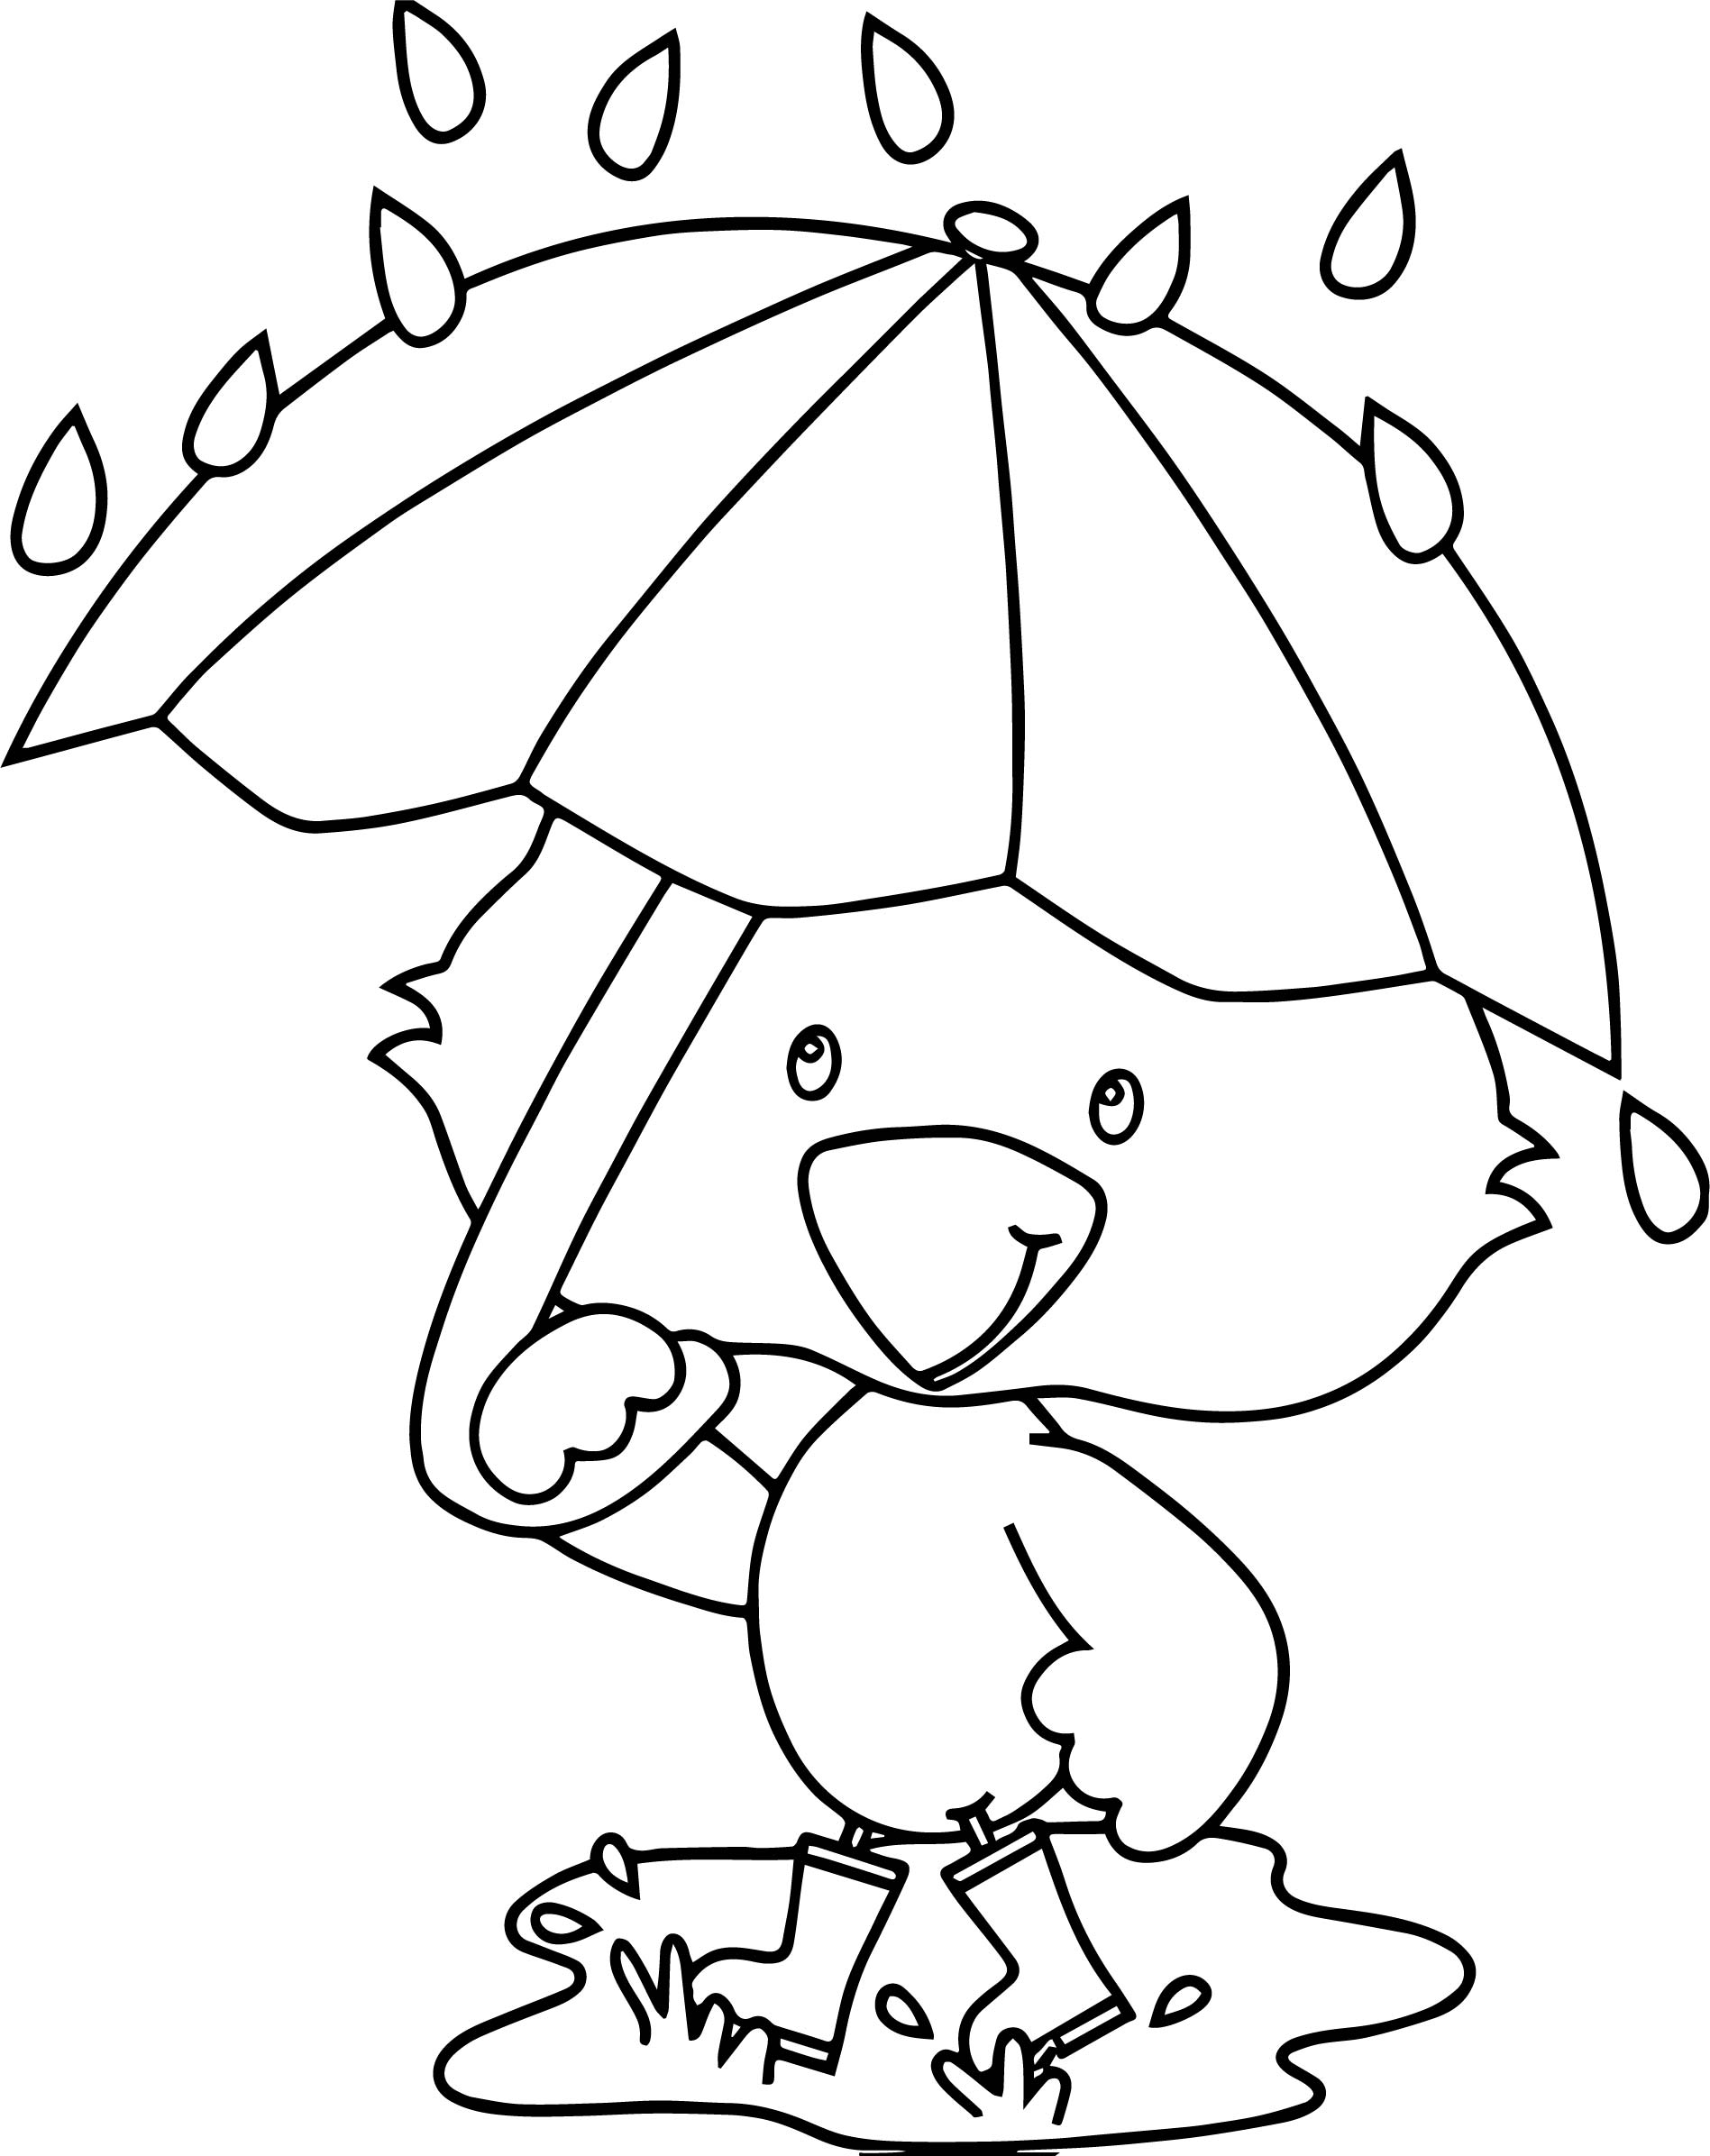 april showers free coloring pages | April Showers Duck Coloring Page | Wecoloringpage.com